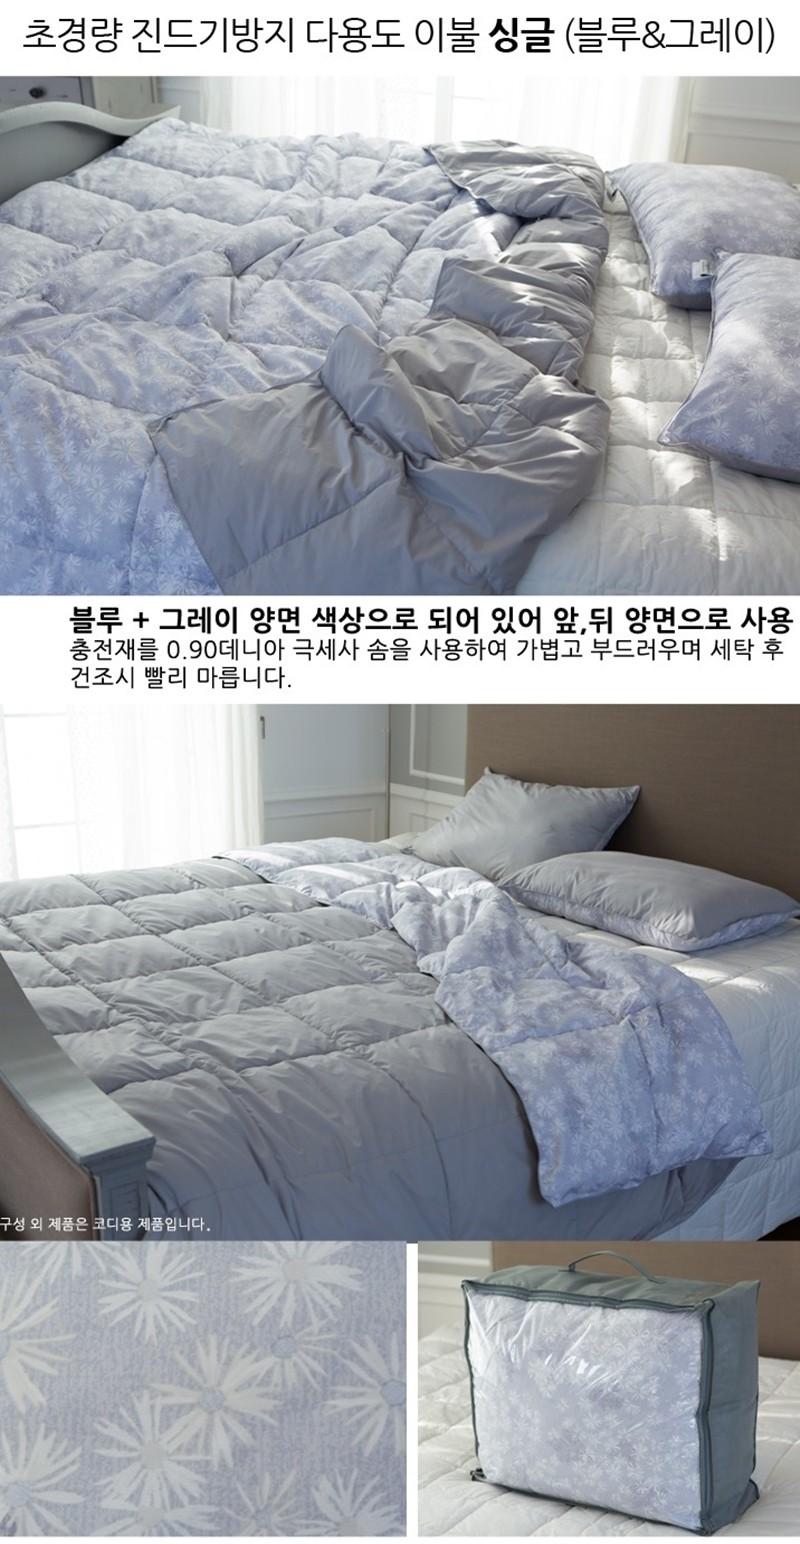 킹폼 초경량 진드기방지 다용도 이불(싱글)이불 베개속통 1개